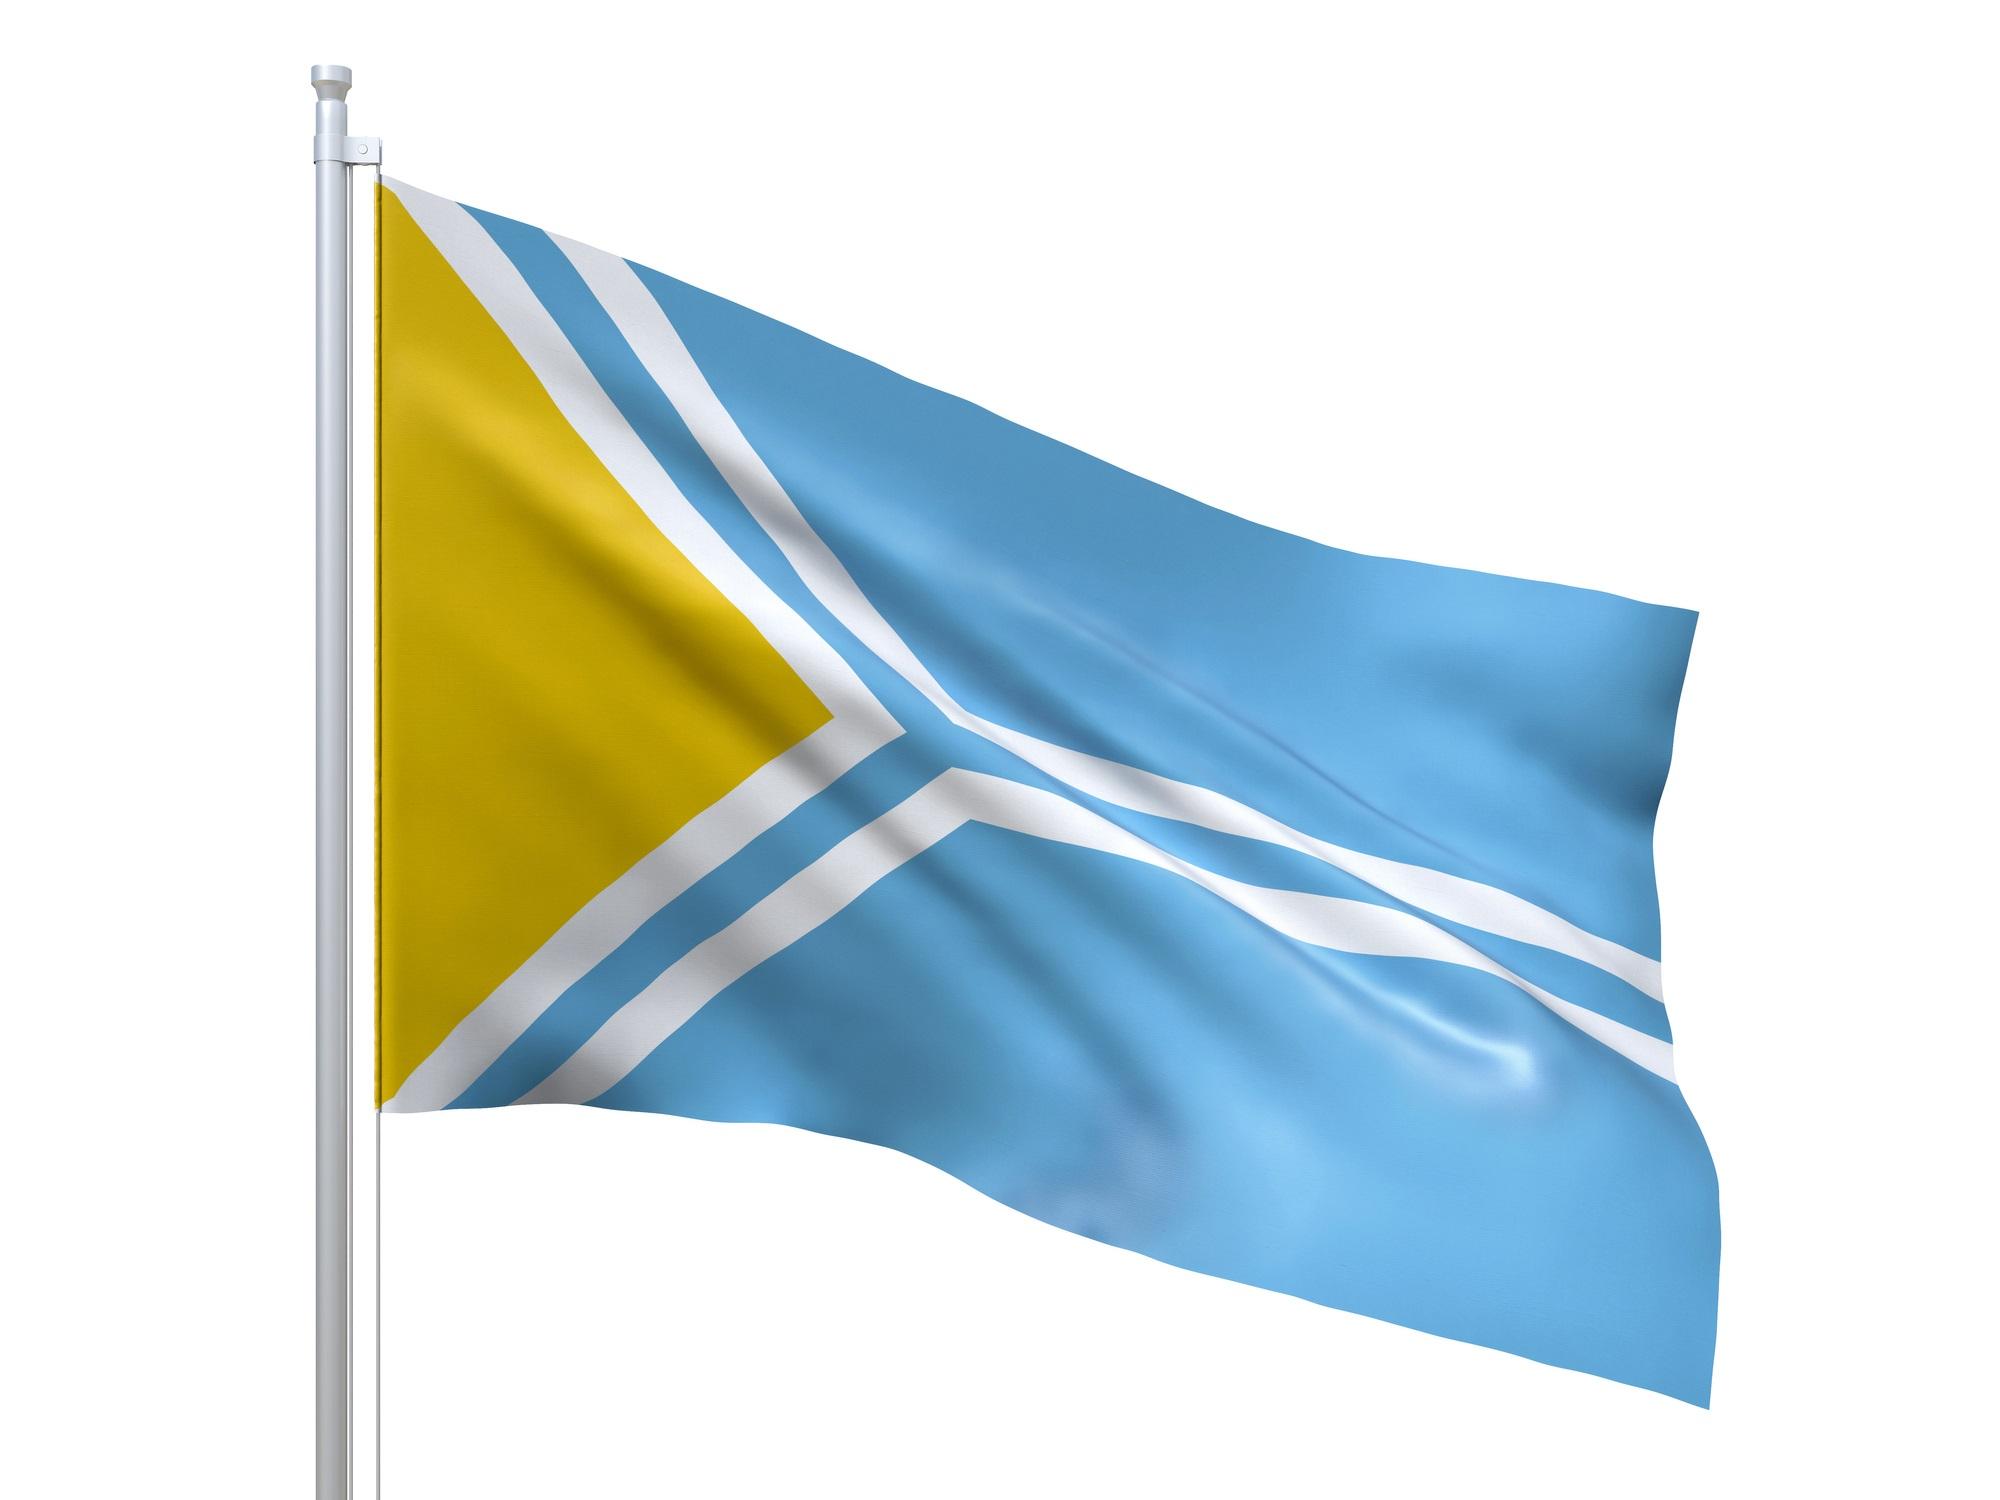 <p><strong>Народна република Тува</strong></p>  <p>През 1921 г., с подкрепата на Русия, болшевиките създават Народна република Тува, която е призната за независима само от СССР и Монголия. Държавата е просъществувала до 1944 г., когато е анексирана от СССР, а днес територията на Танну Тува (на снимката е съвременният флаг на Тува) е част от Руската федерация.</p>